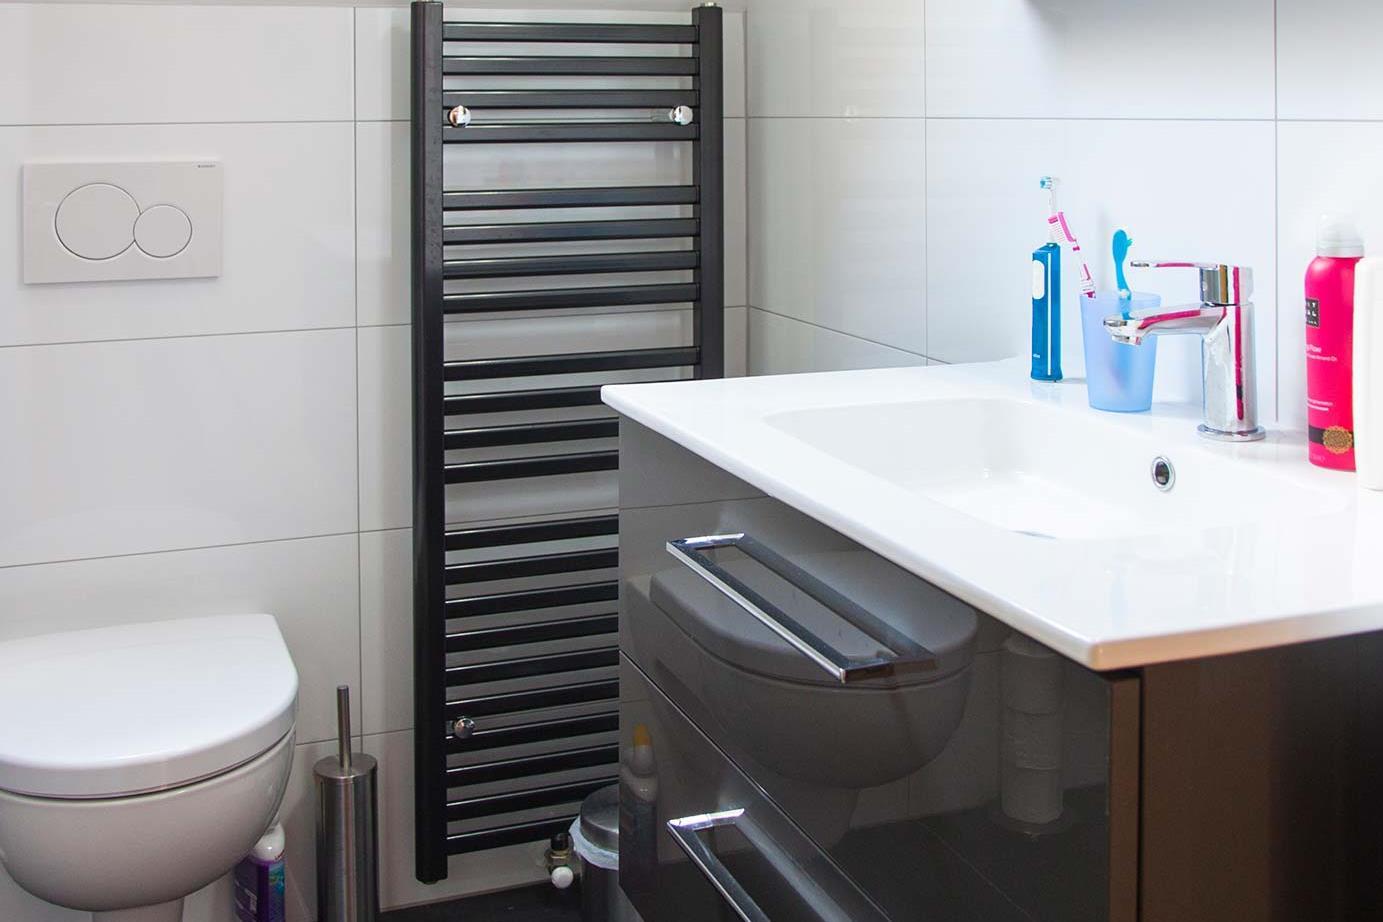 Badkamer Showroom Harderwijk : Badkamer showroom harderwijk home gitsels badkamers specialist in